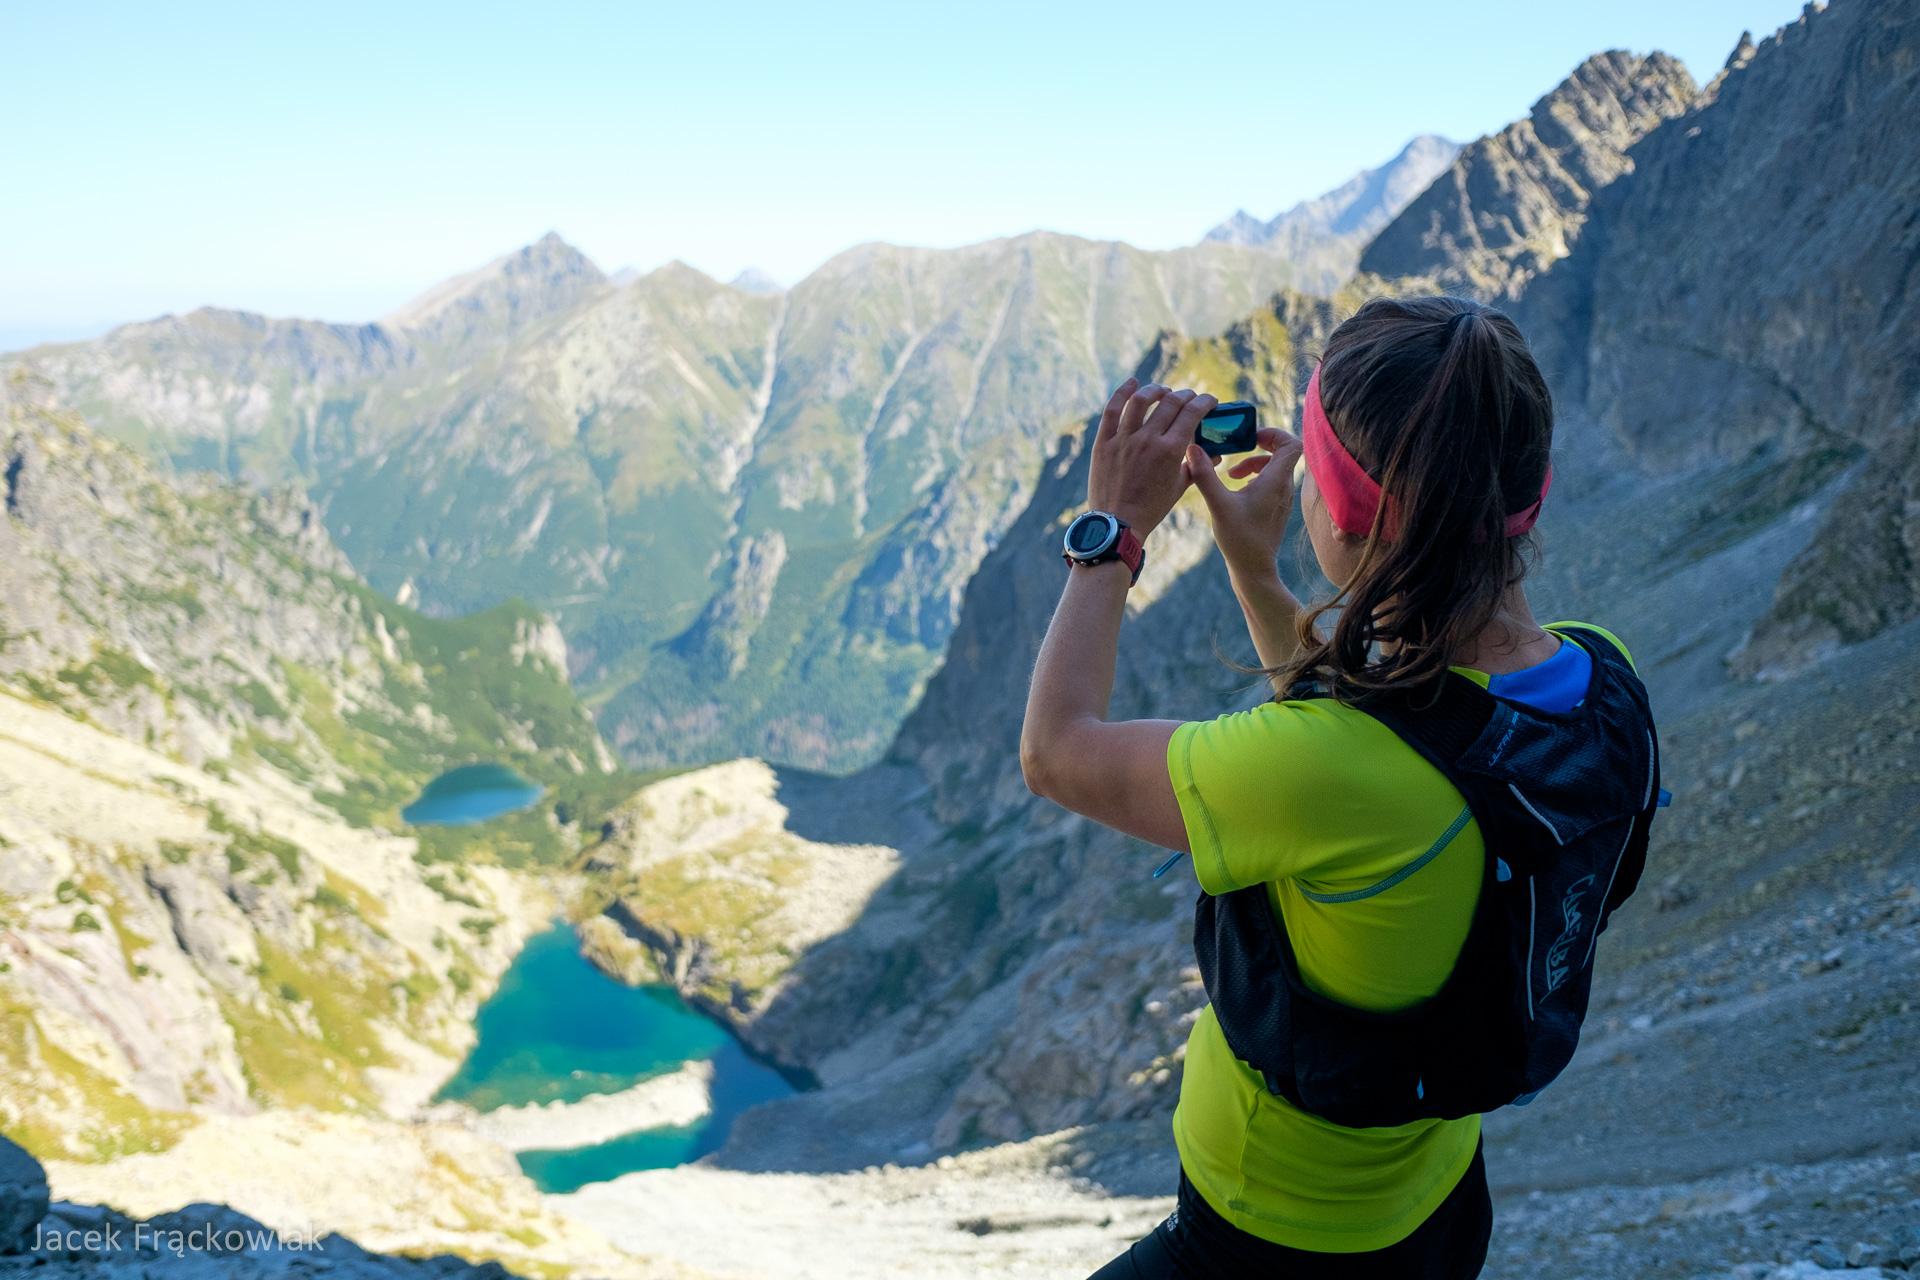 Kamizelka biegowa CamelBak Ulra Pro Vest, Waga, Dolina Ciężka, Tatry Wysokie